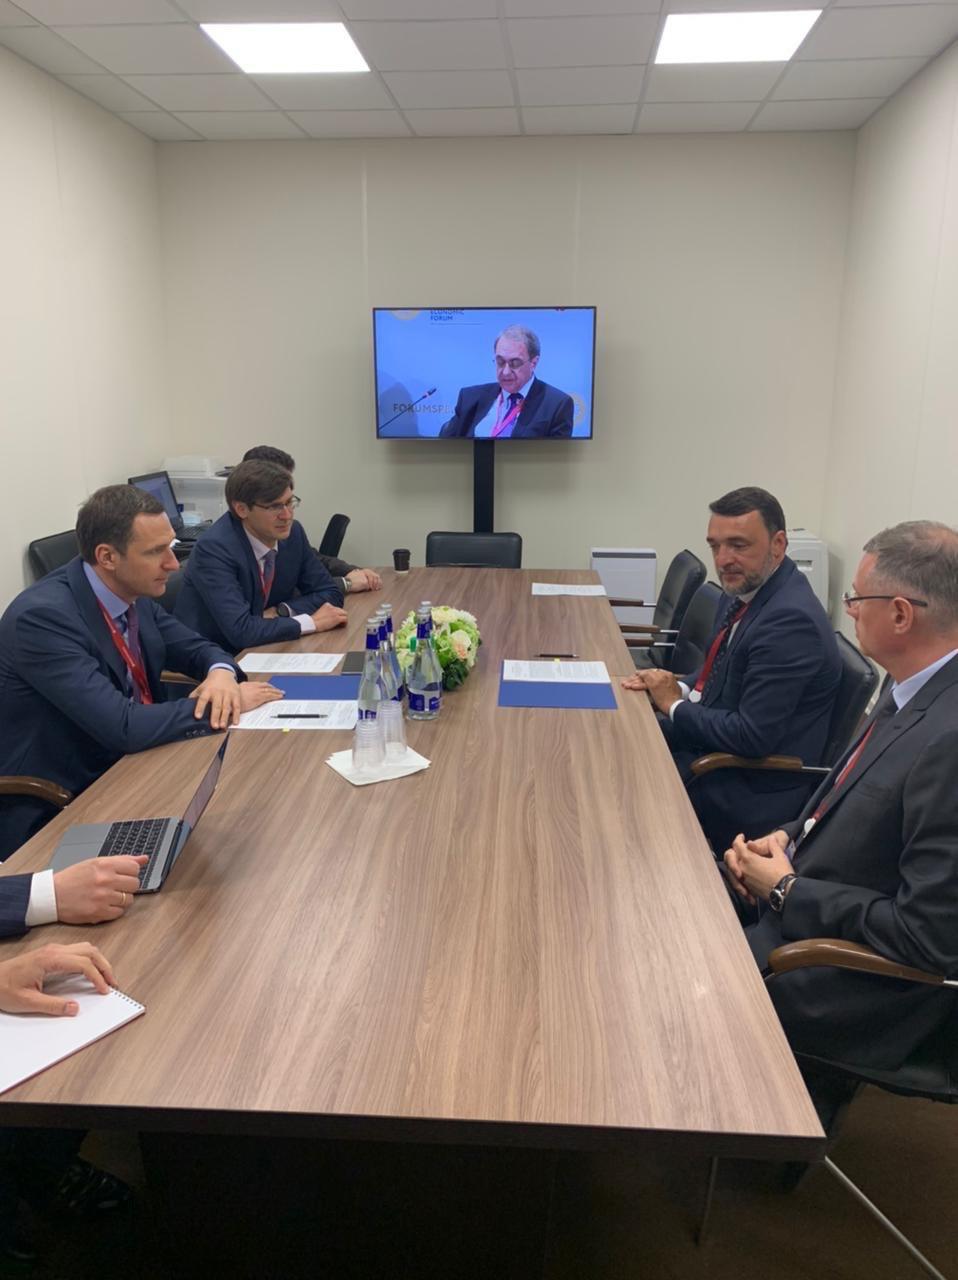 ЛафаржХолсим и «Российский экологический оператор» подписали соглашение о сотрудничестве